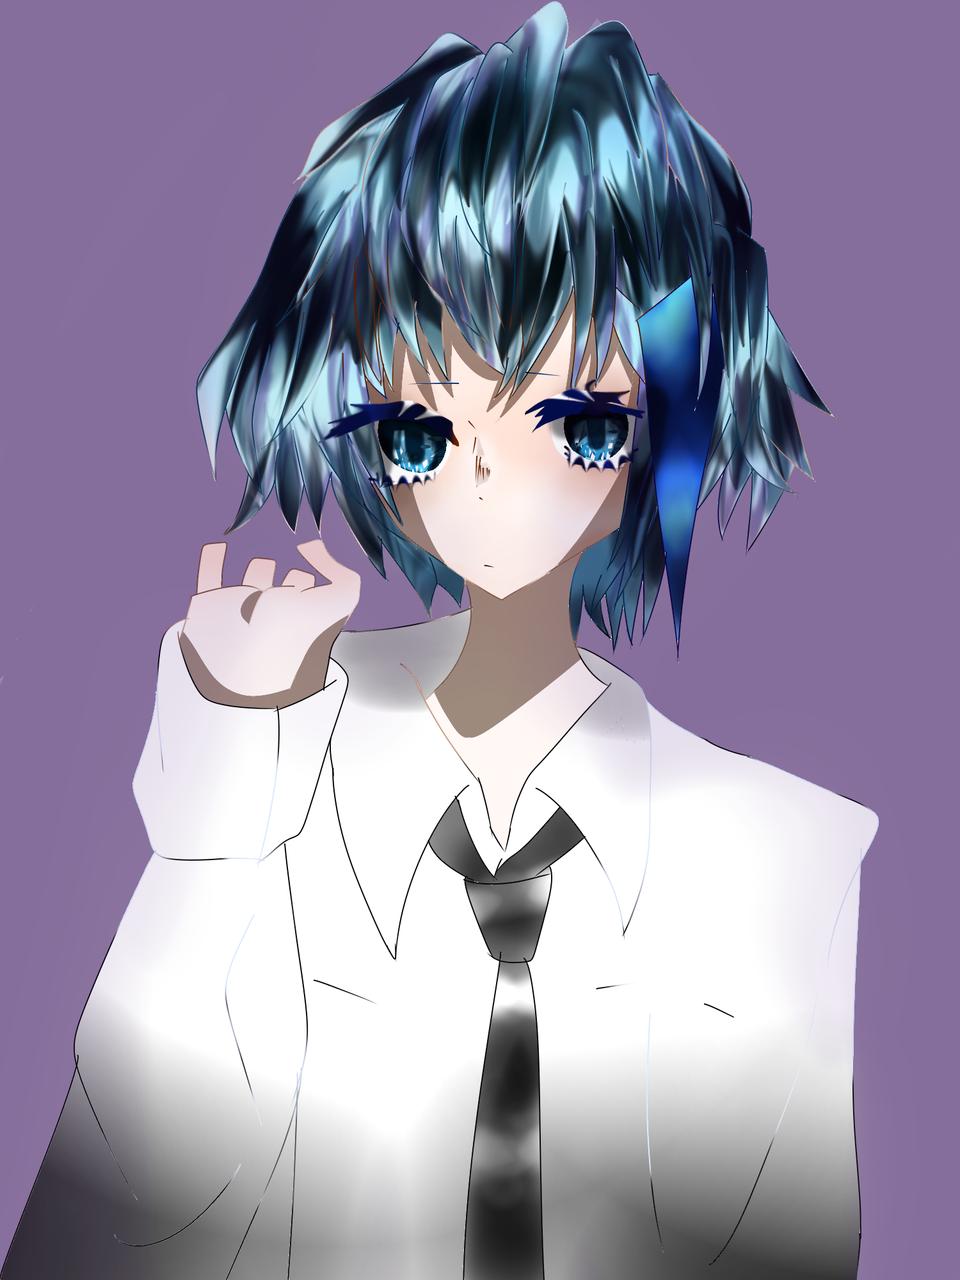 クン=アゲロ=アグネス Illust of 如月来蕾≮TRPG≯ medibangpaint Comics 神之塔 anime クン